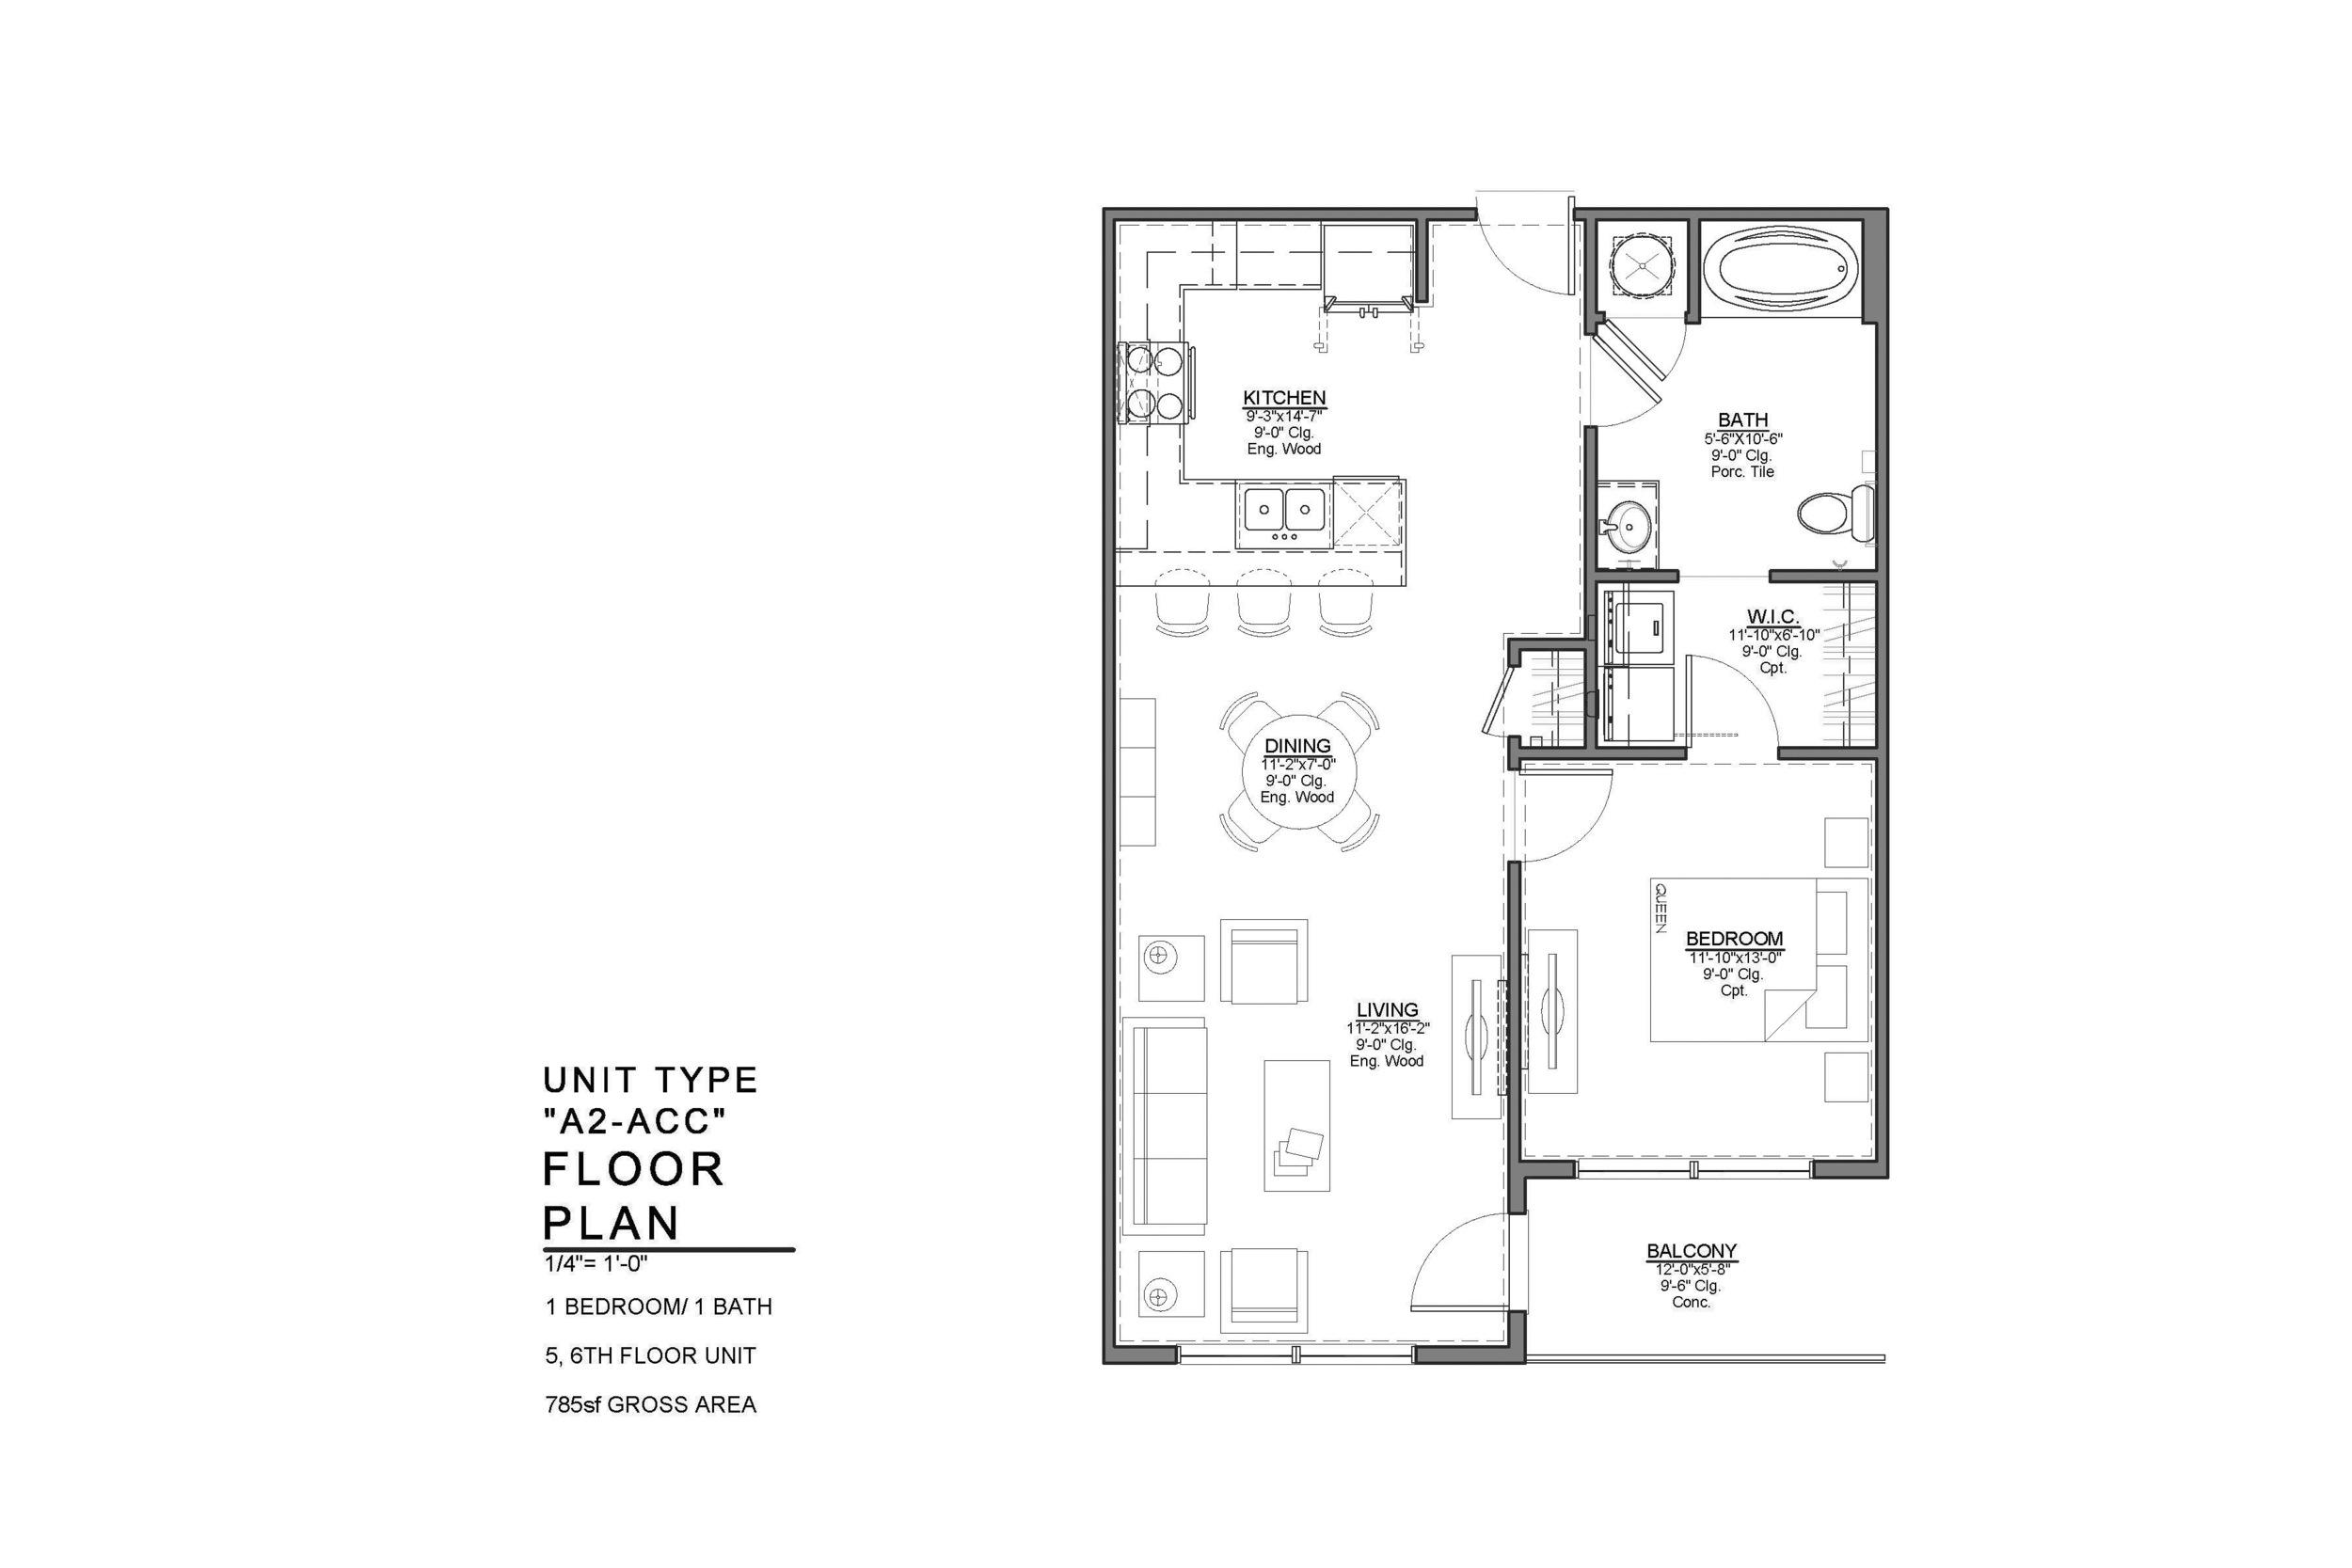 A2-ACC FLOOR PLAN: 1 BEDROOM / 1 BATH